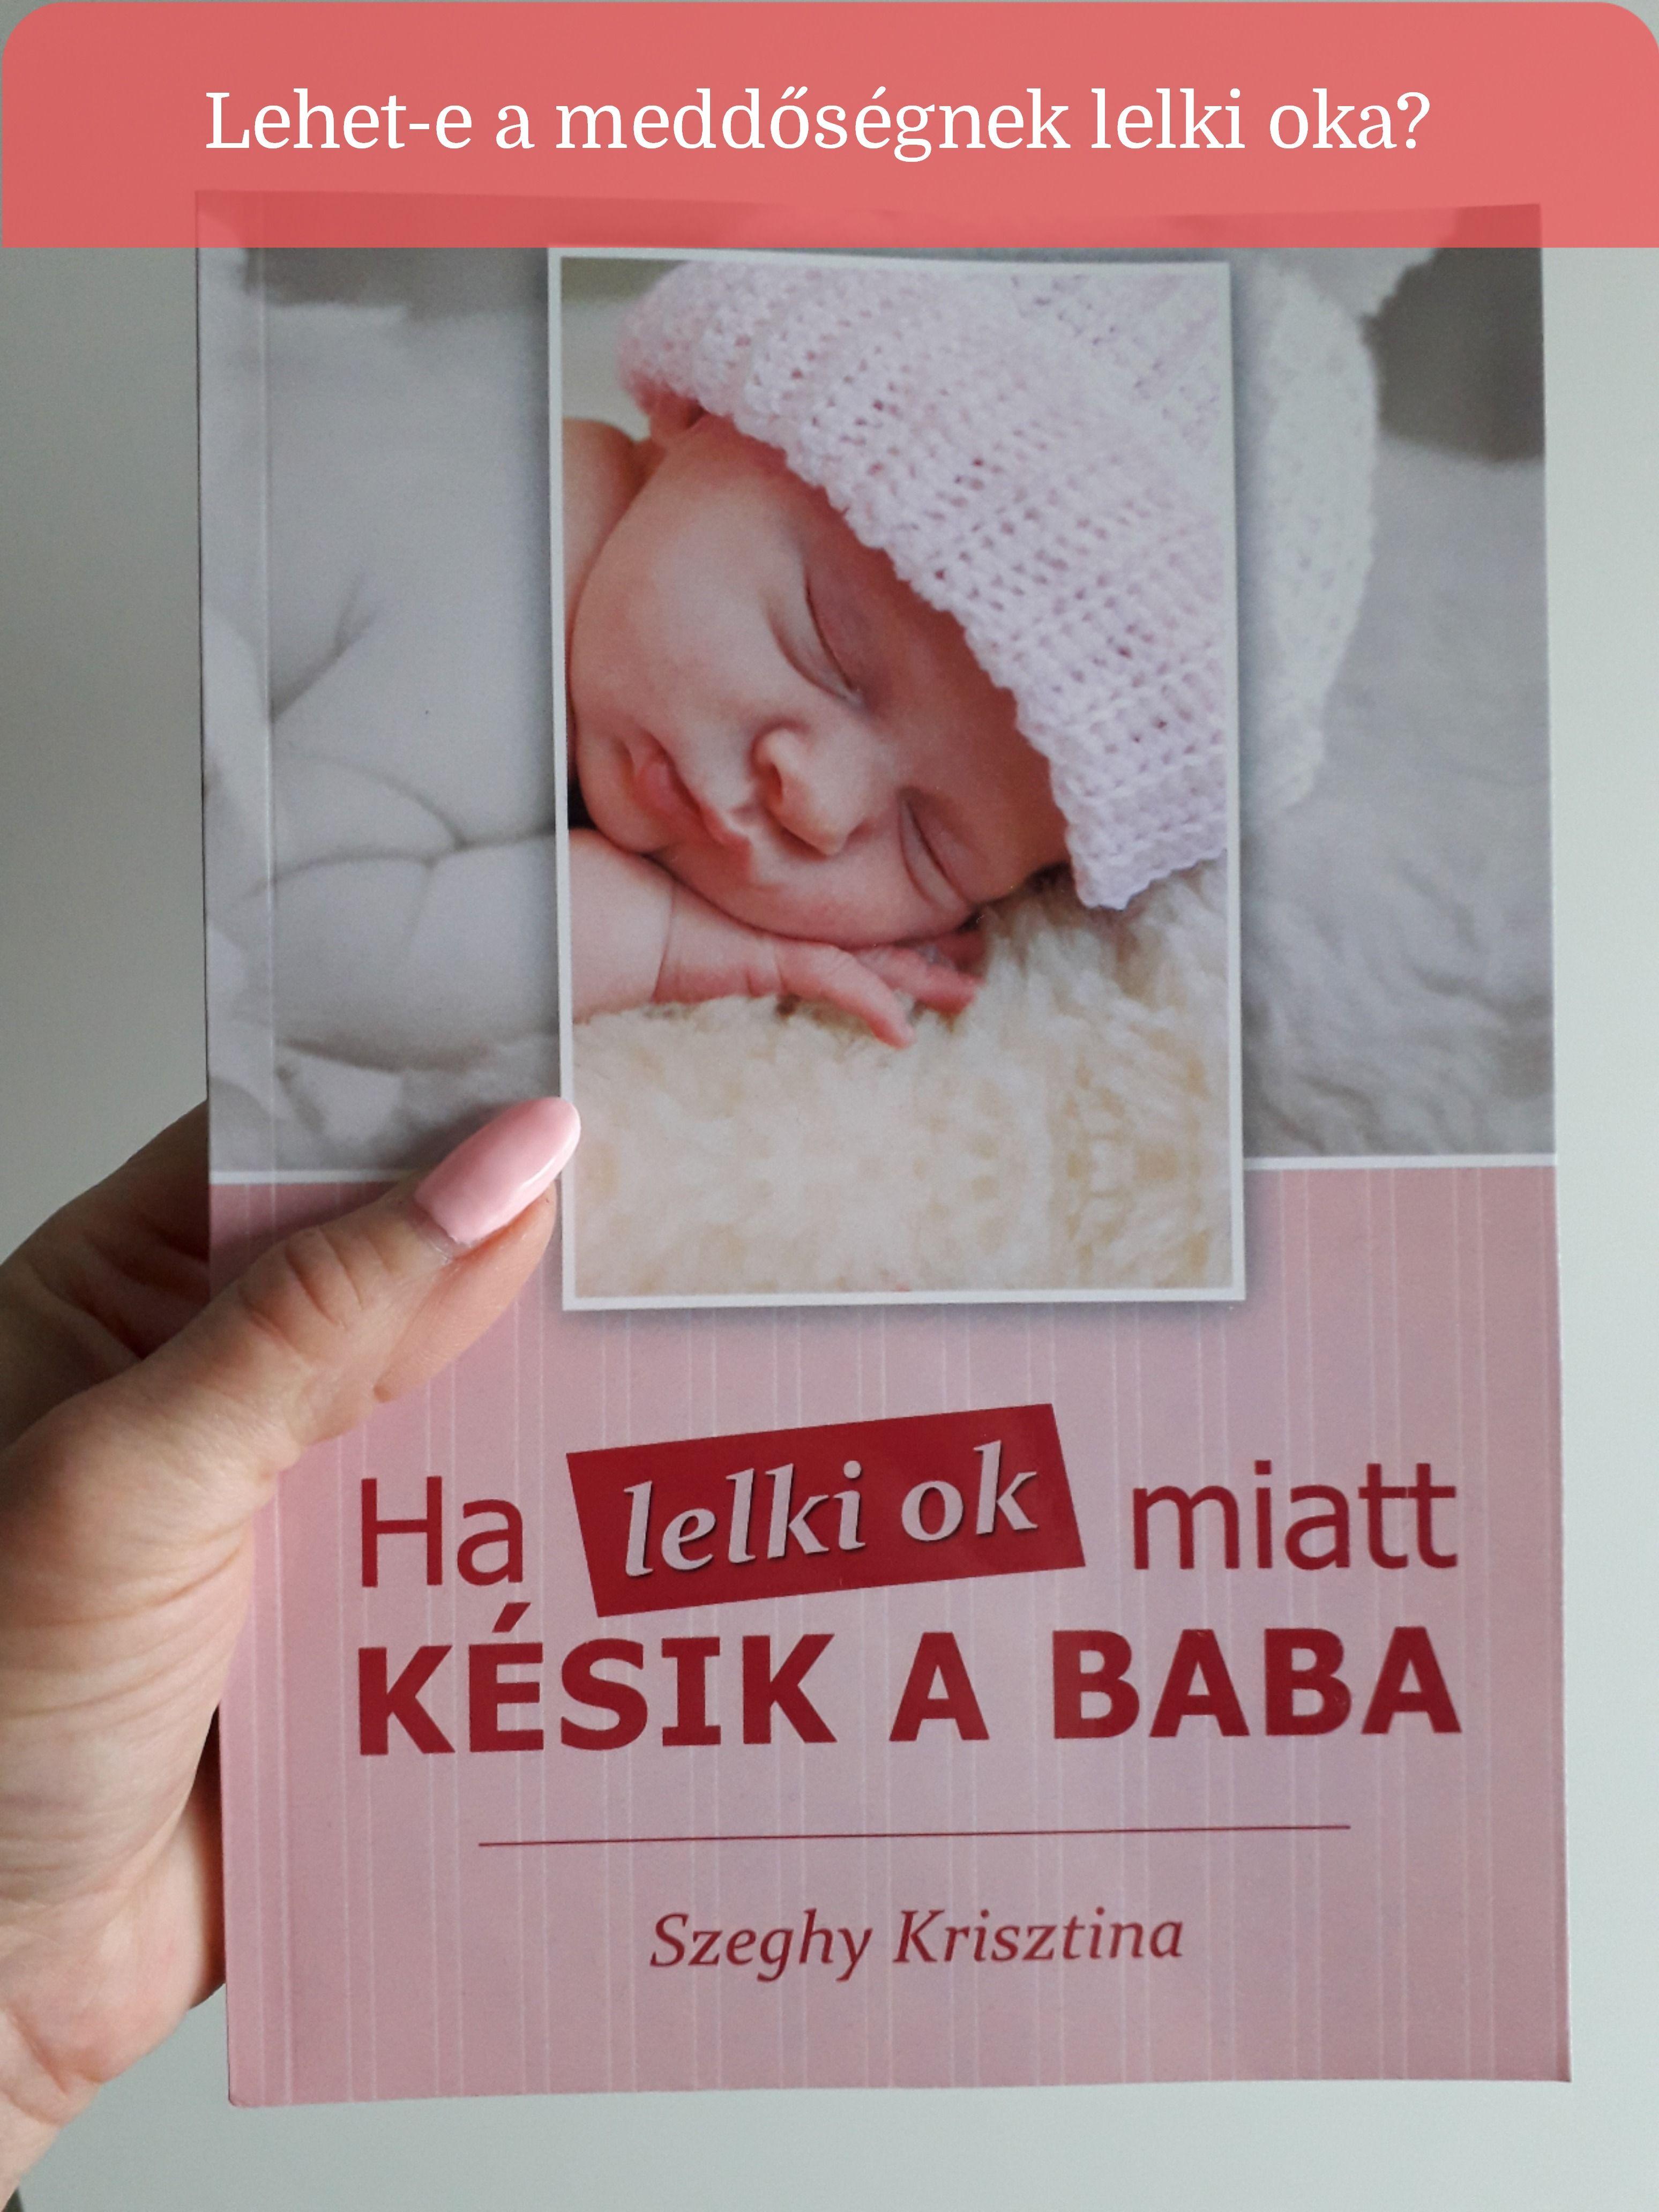 Ha lelki ok miatt késik a baba